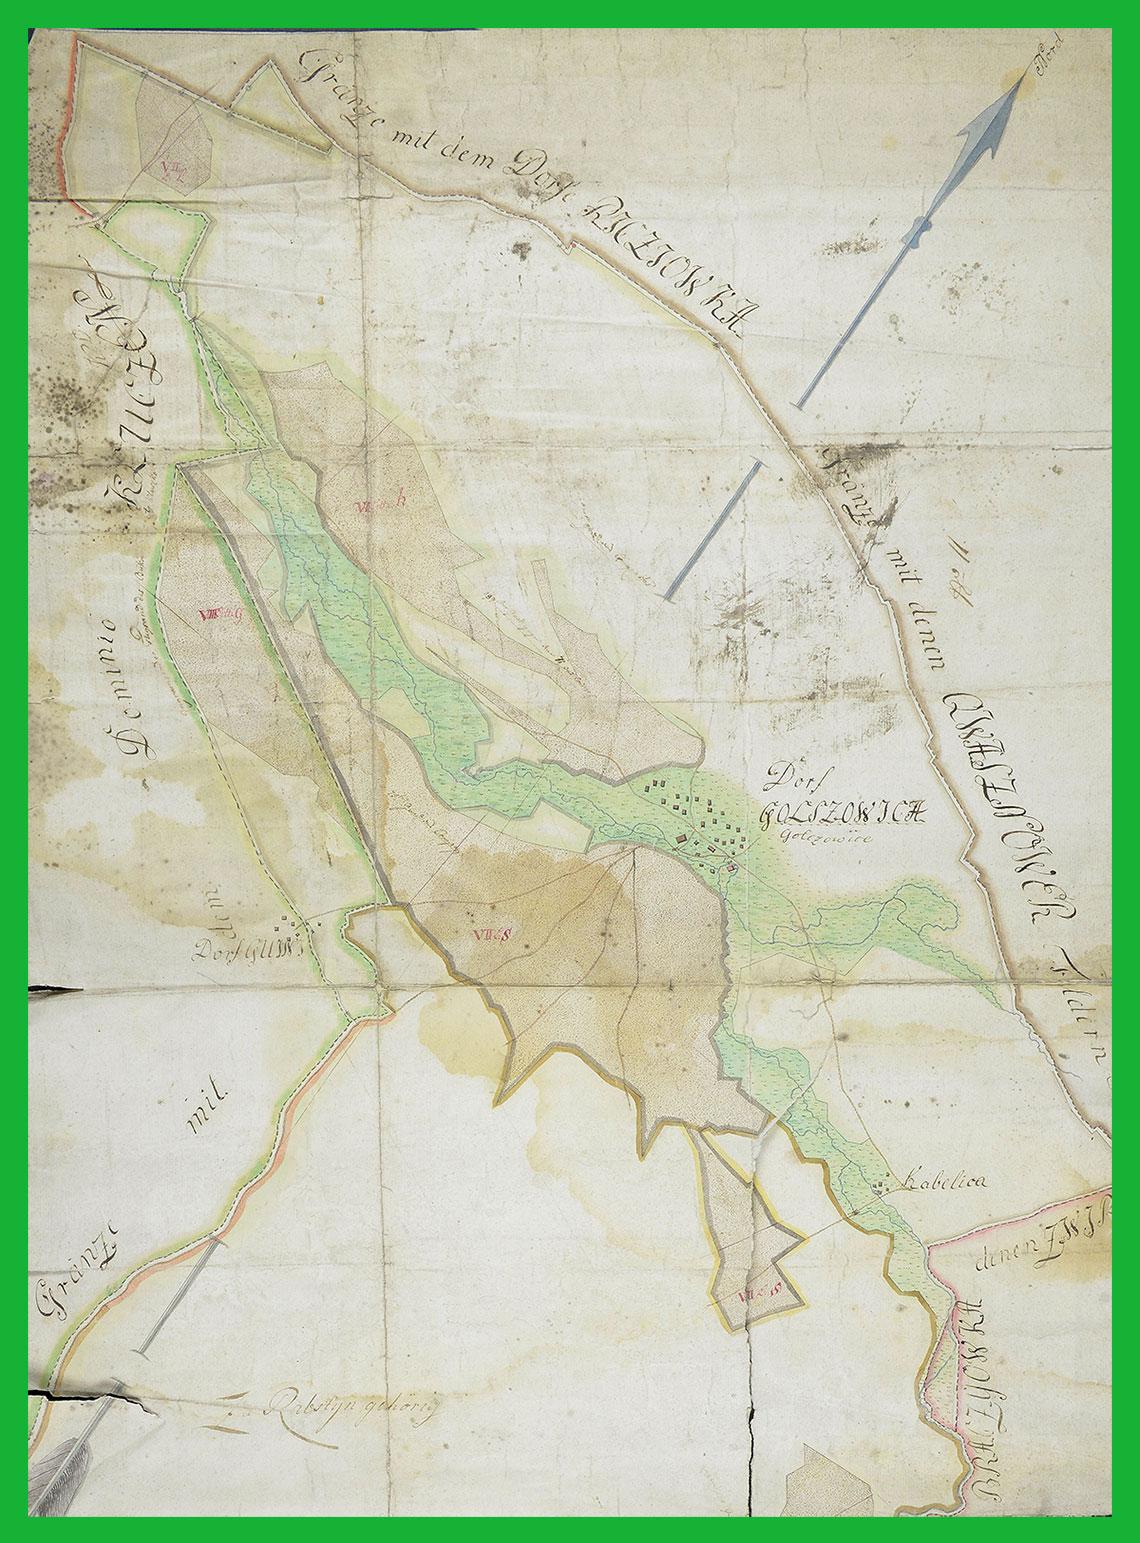 Mapa lasów przy wsi Gołczowice i Kobylica - ekonomia Rabsztyn (pomiędzy 1795-1807)